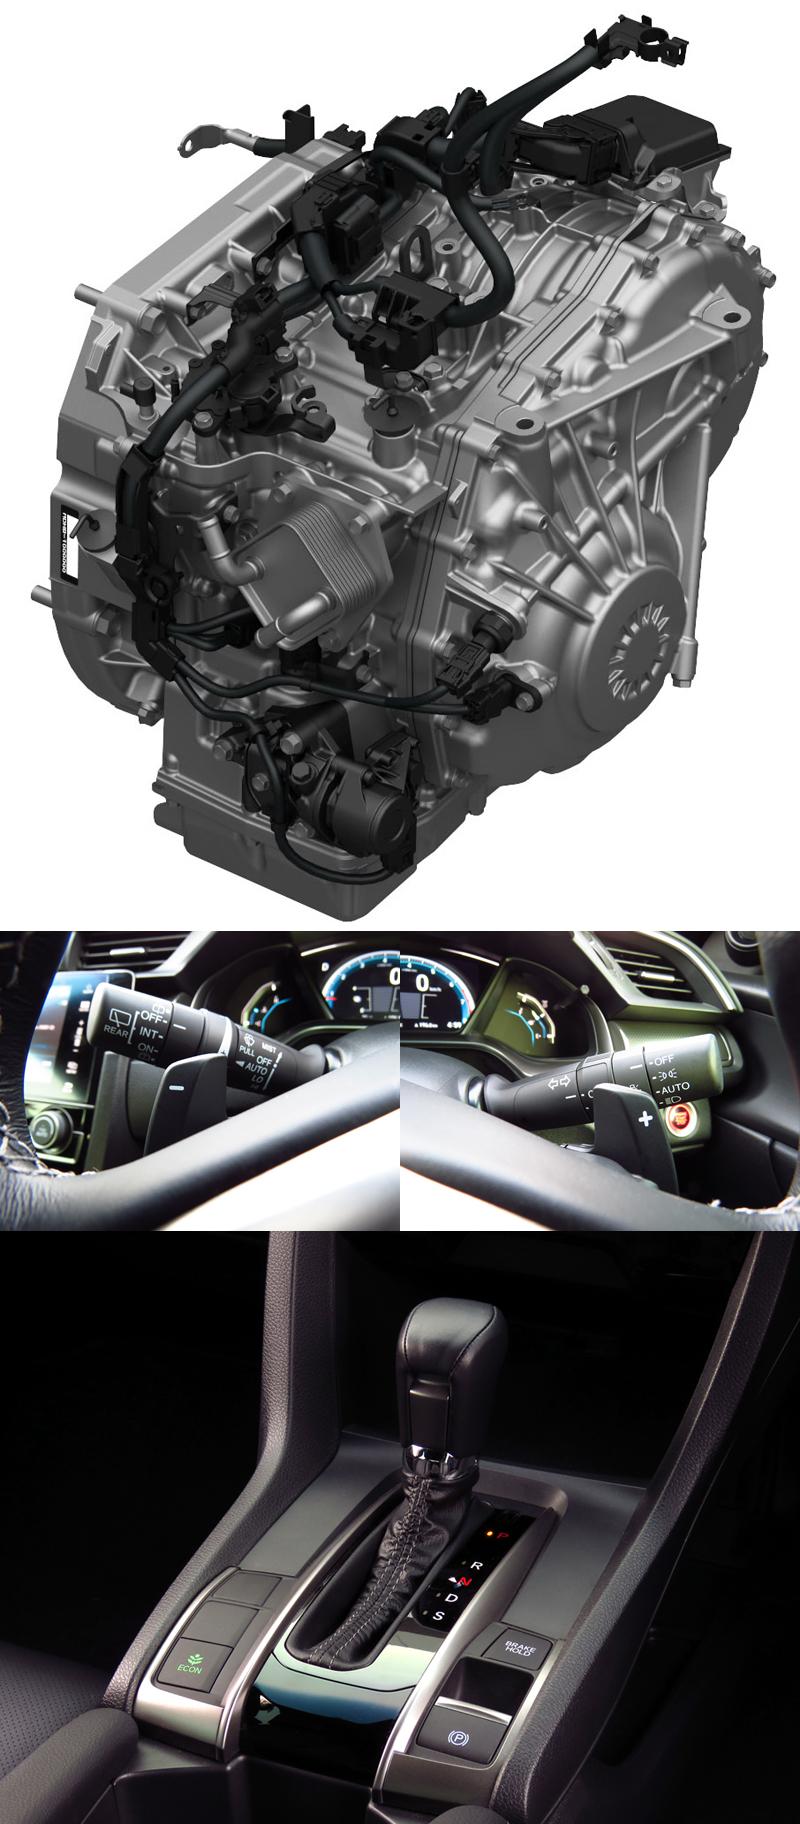 2017_04_24_Honda_Civic_Hatchback_Turbo_Engine_02_CVT_EDIT